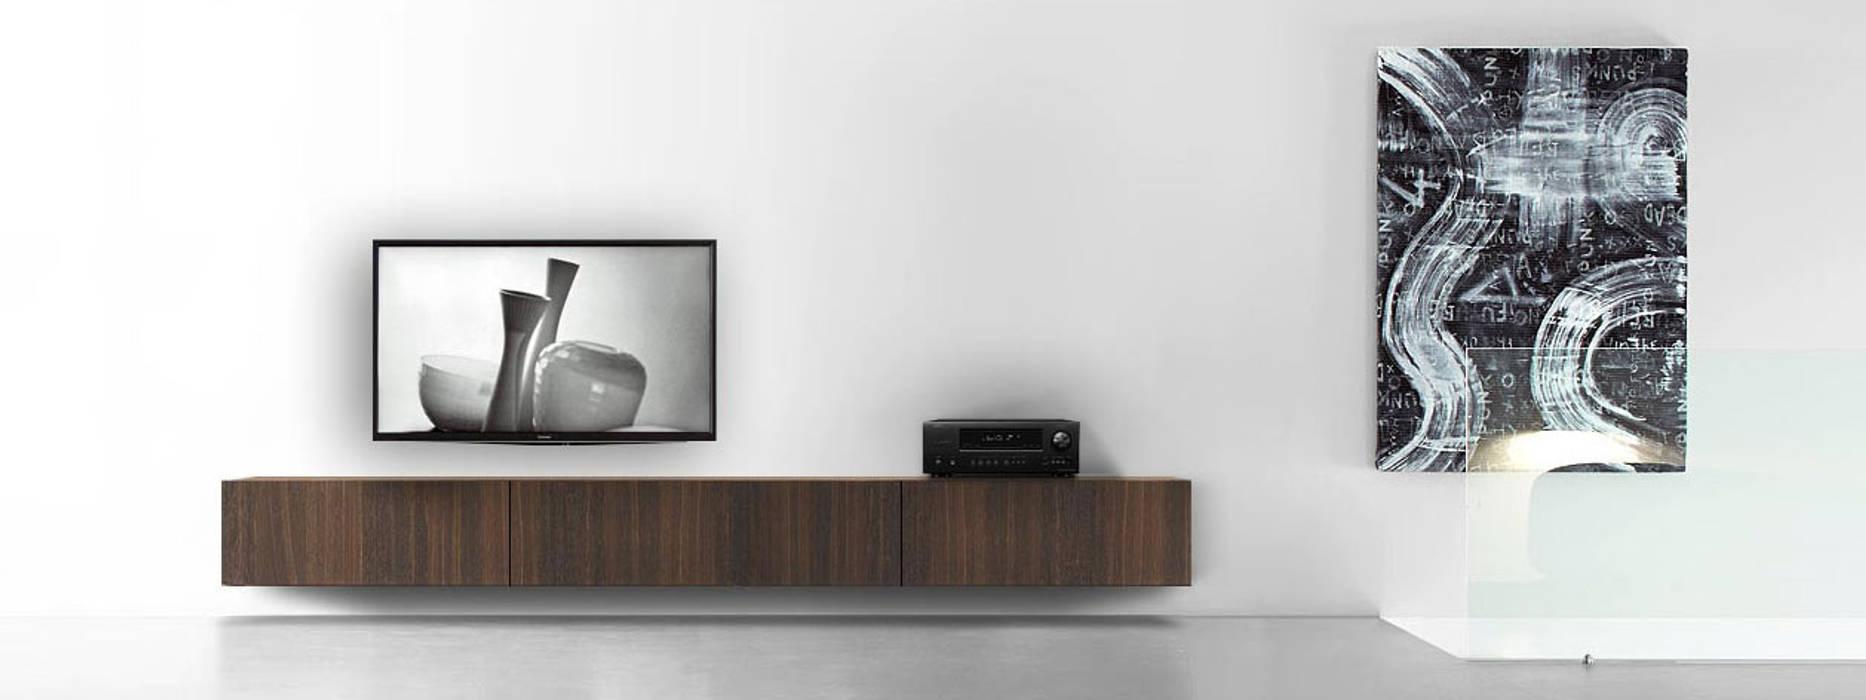 300 cm breites h ngendes wand holz lowboard aus brauner eiche moderne wohnzimmer von livarea. Black Bedroom Furniture Sets. Home Design Ideas